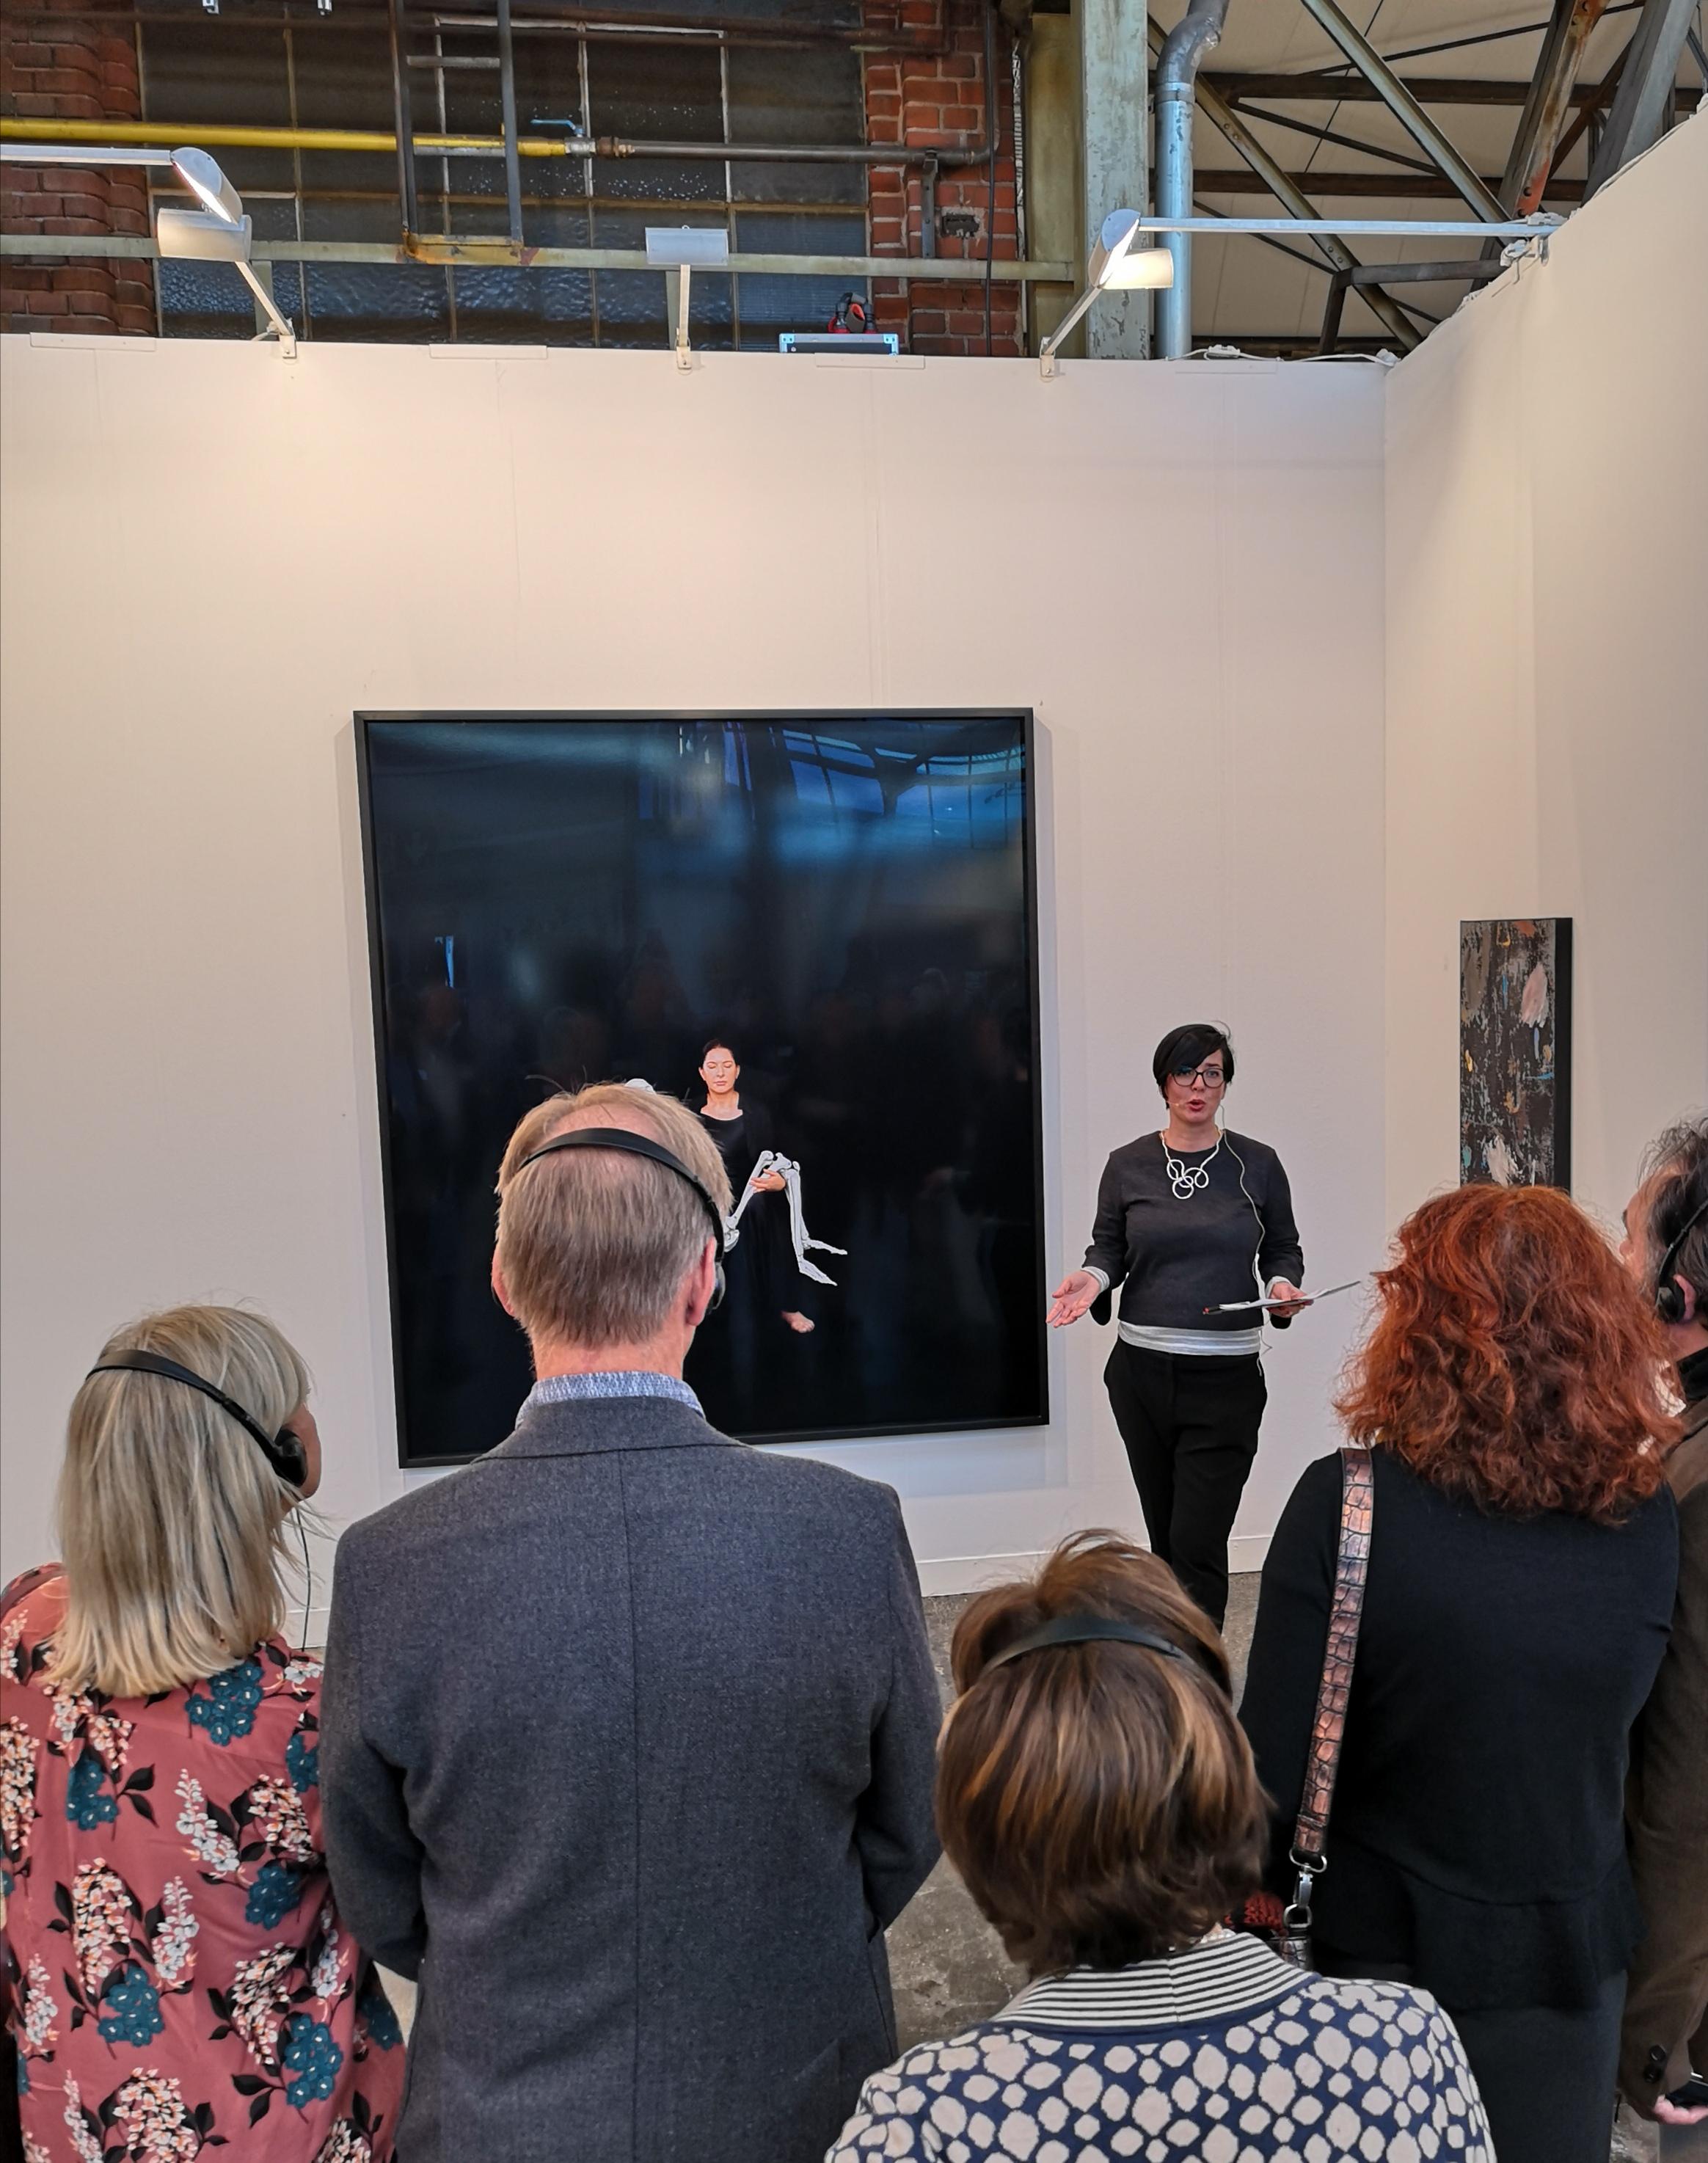 (c) Art Consulting Mese - Agnieszka Mese, Führung auf der Kunstmesse ART DÜSSELDORF